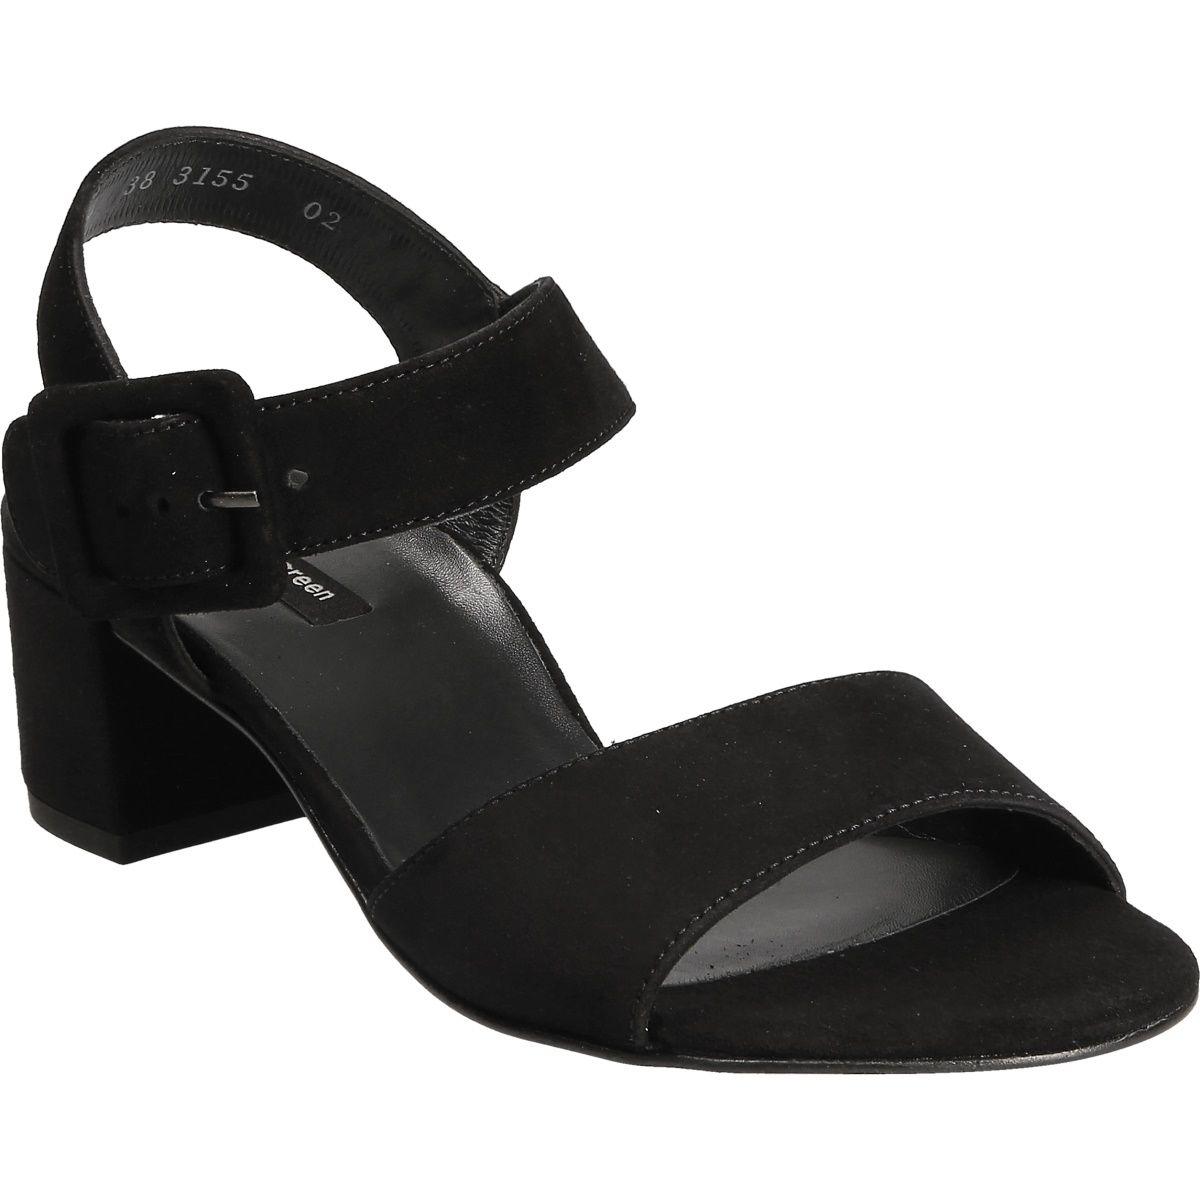 ce43fd8d806ac0 Sandals in black - 6092-042 Buy in Paul Green Online-Shop